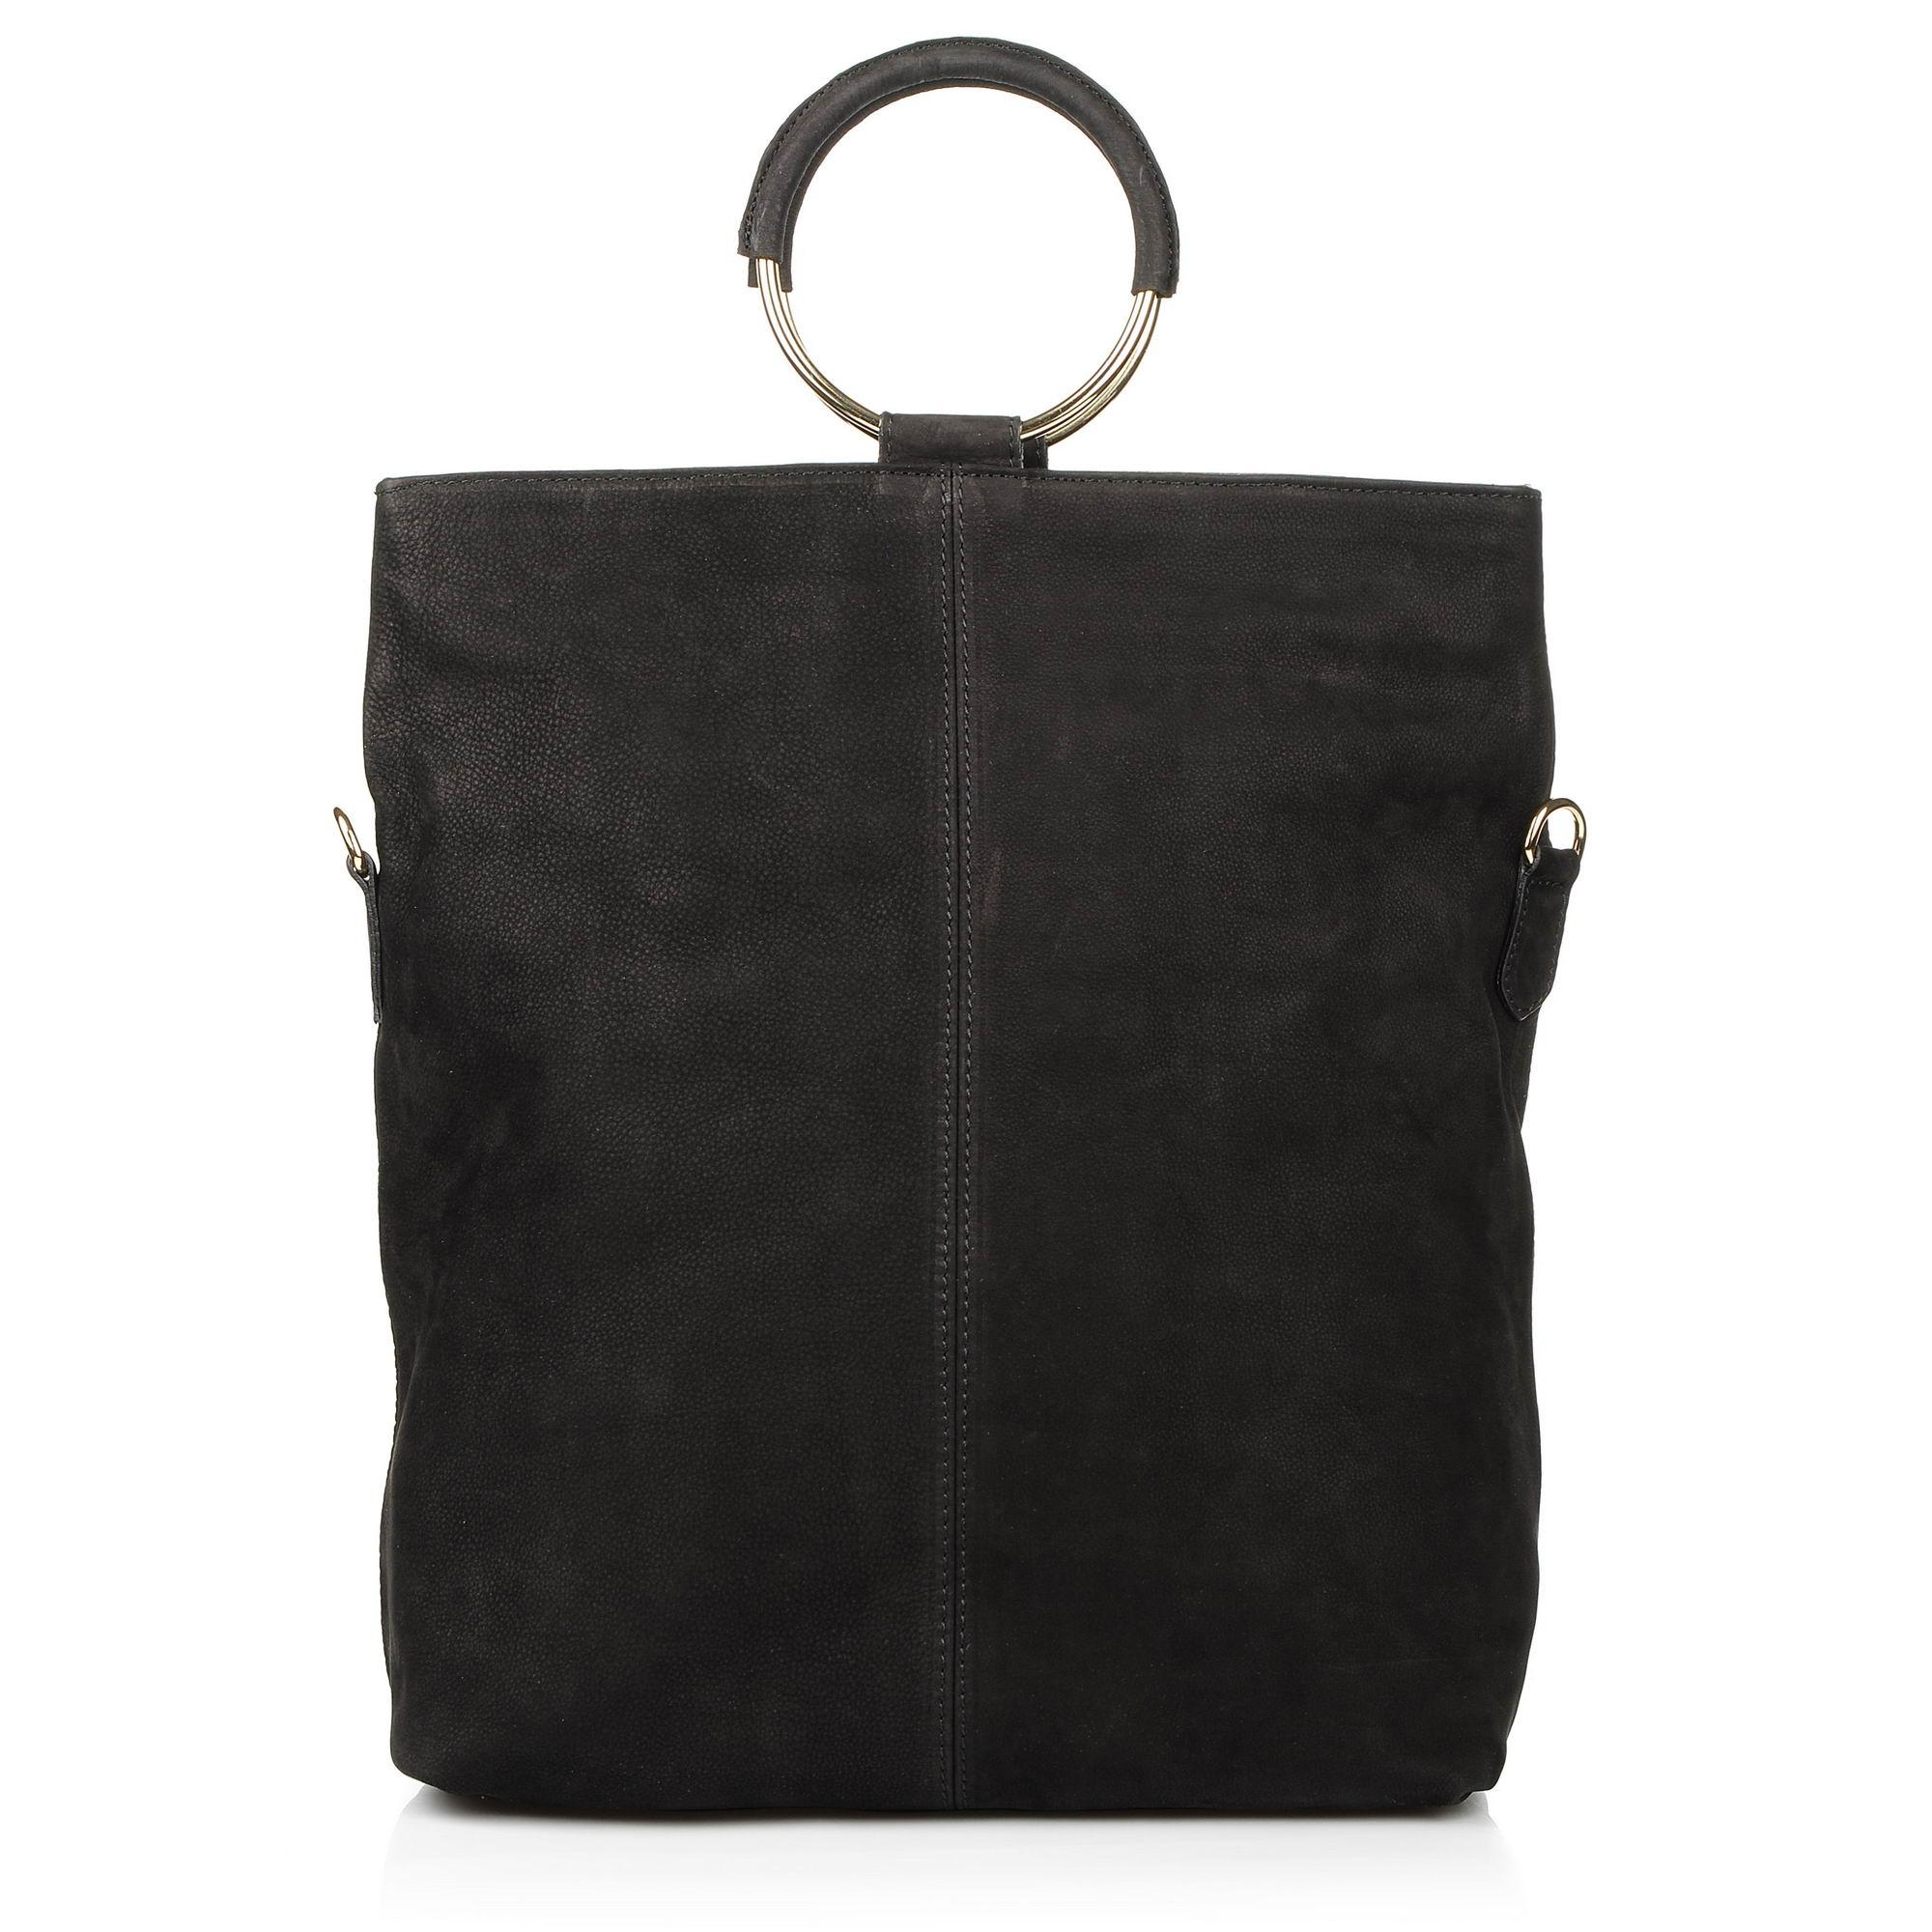 Δερμάτινη Τσάντα Ώμου Nardelli 3803